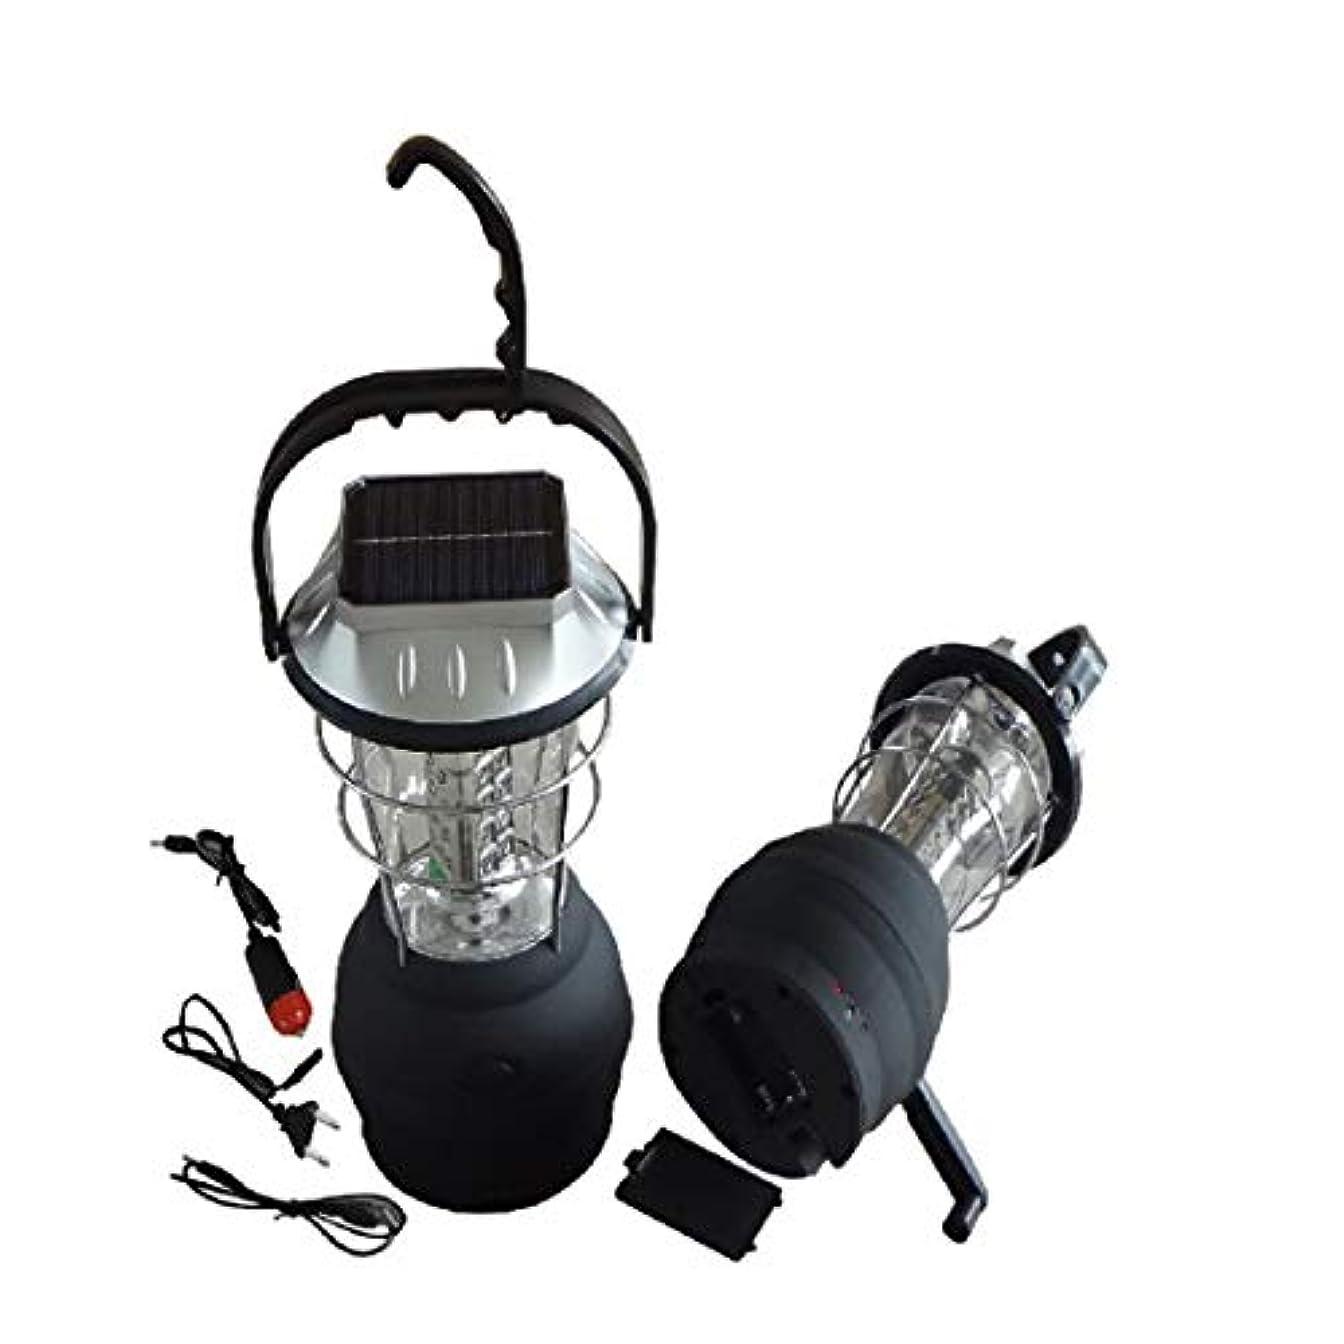 換気第九ドールLilyAngel LEDソーラーキャンプライト屋外ポータブル多機能スーパーブライトハンドクランク緊急ランタン